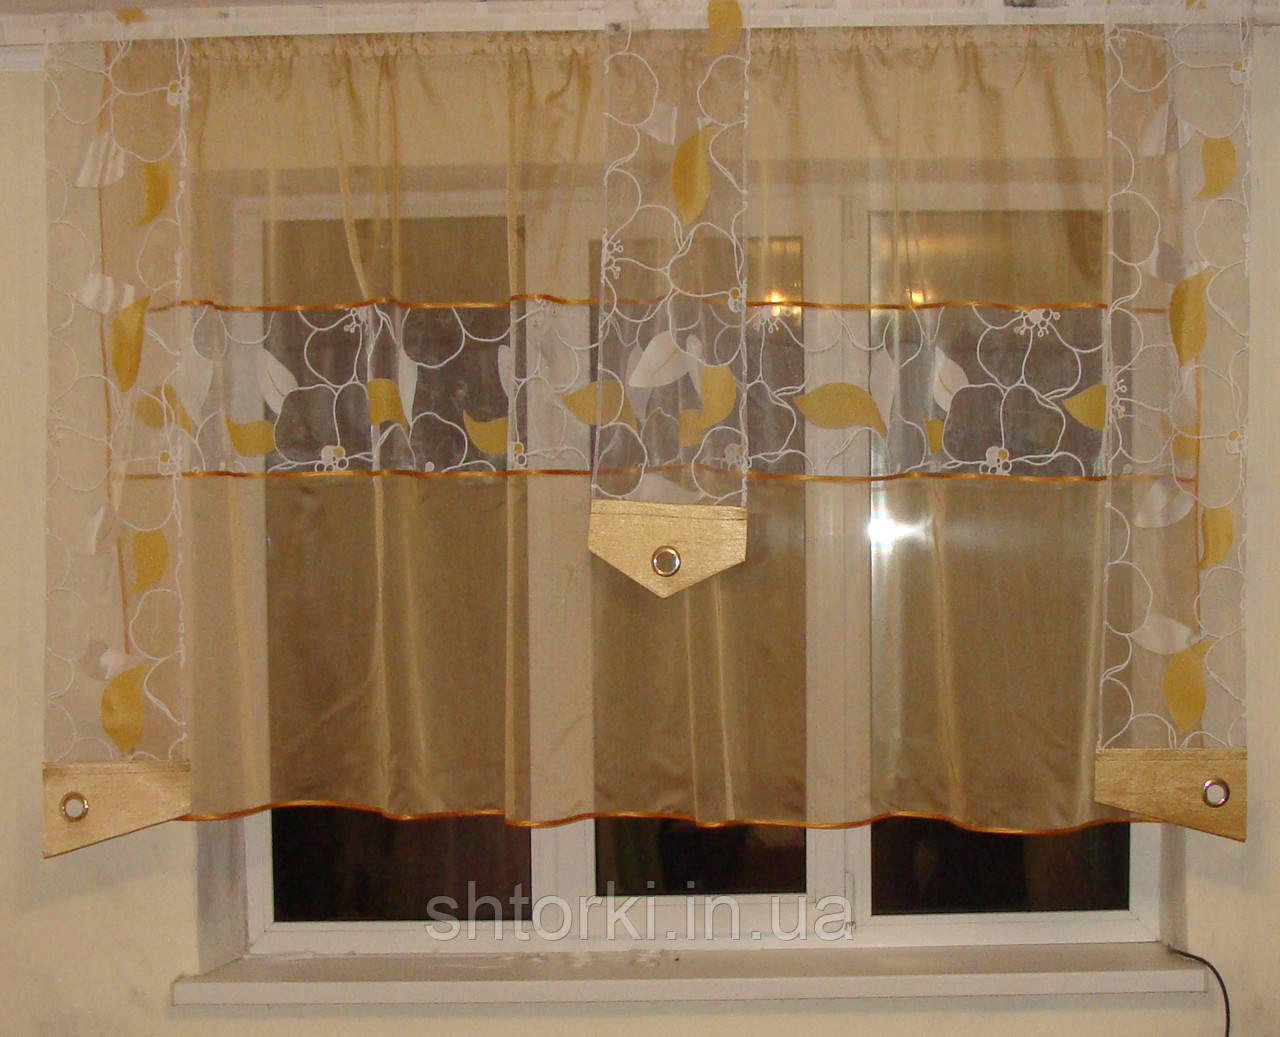 Комплект шторок и тюль золото до  подоконника